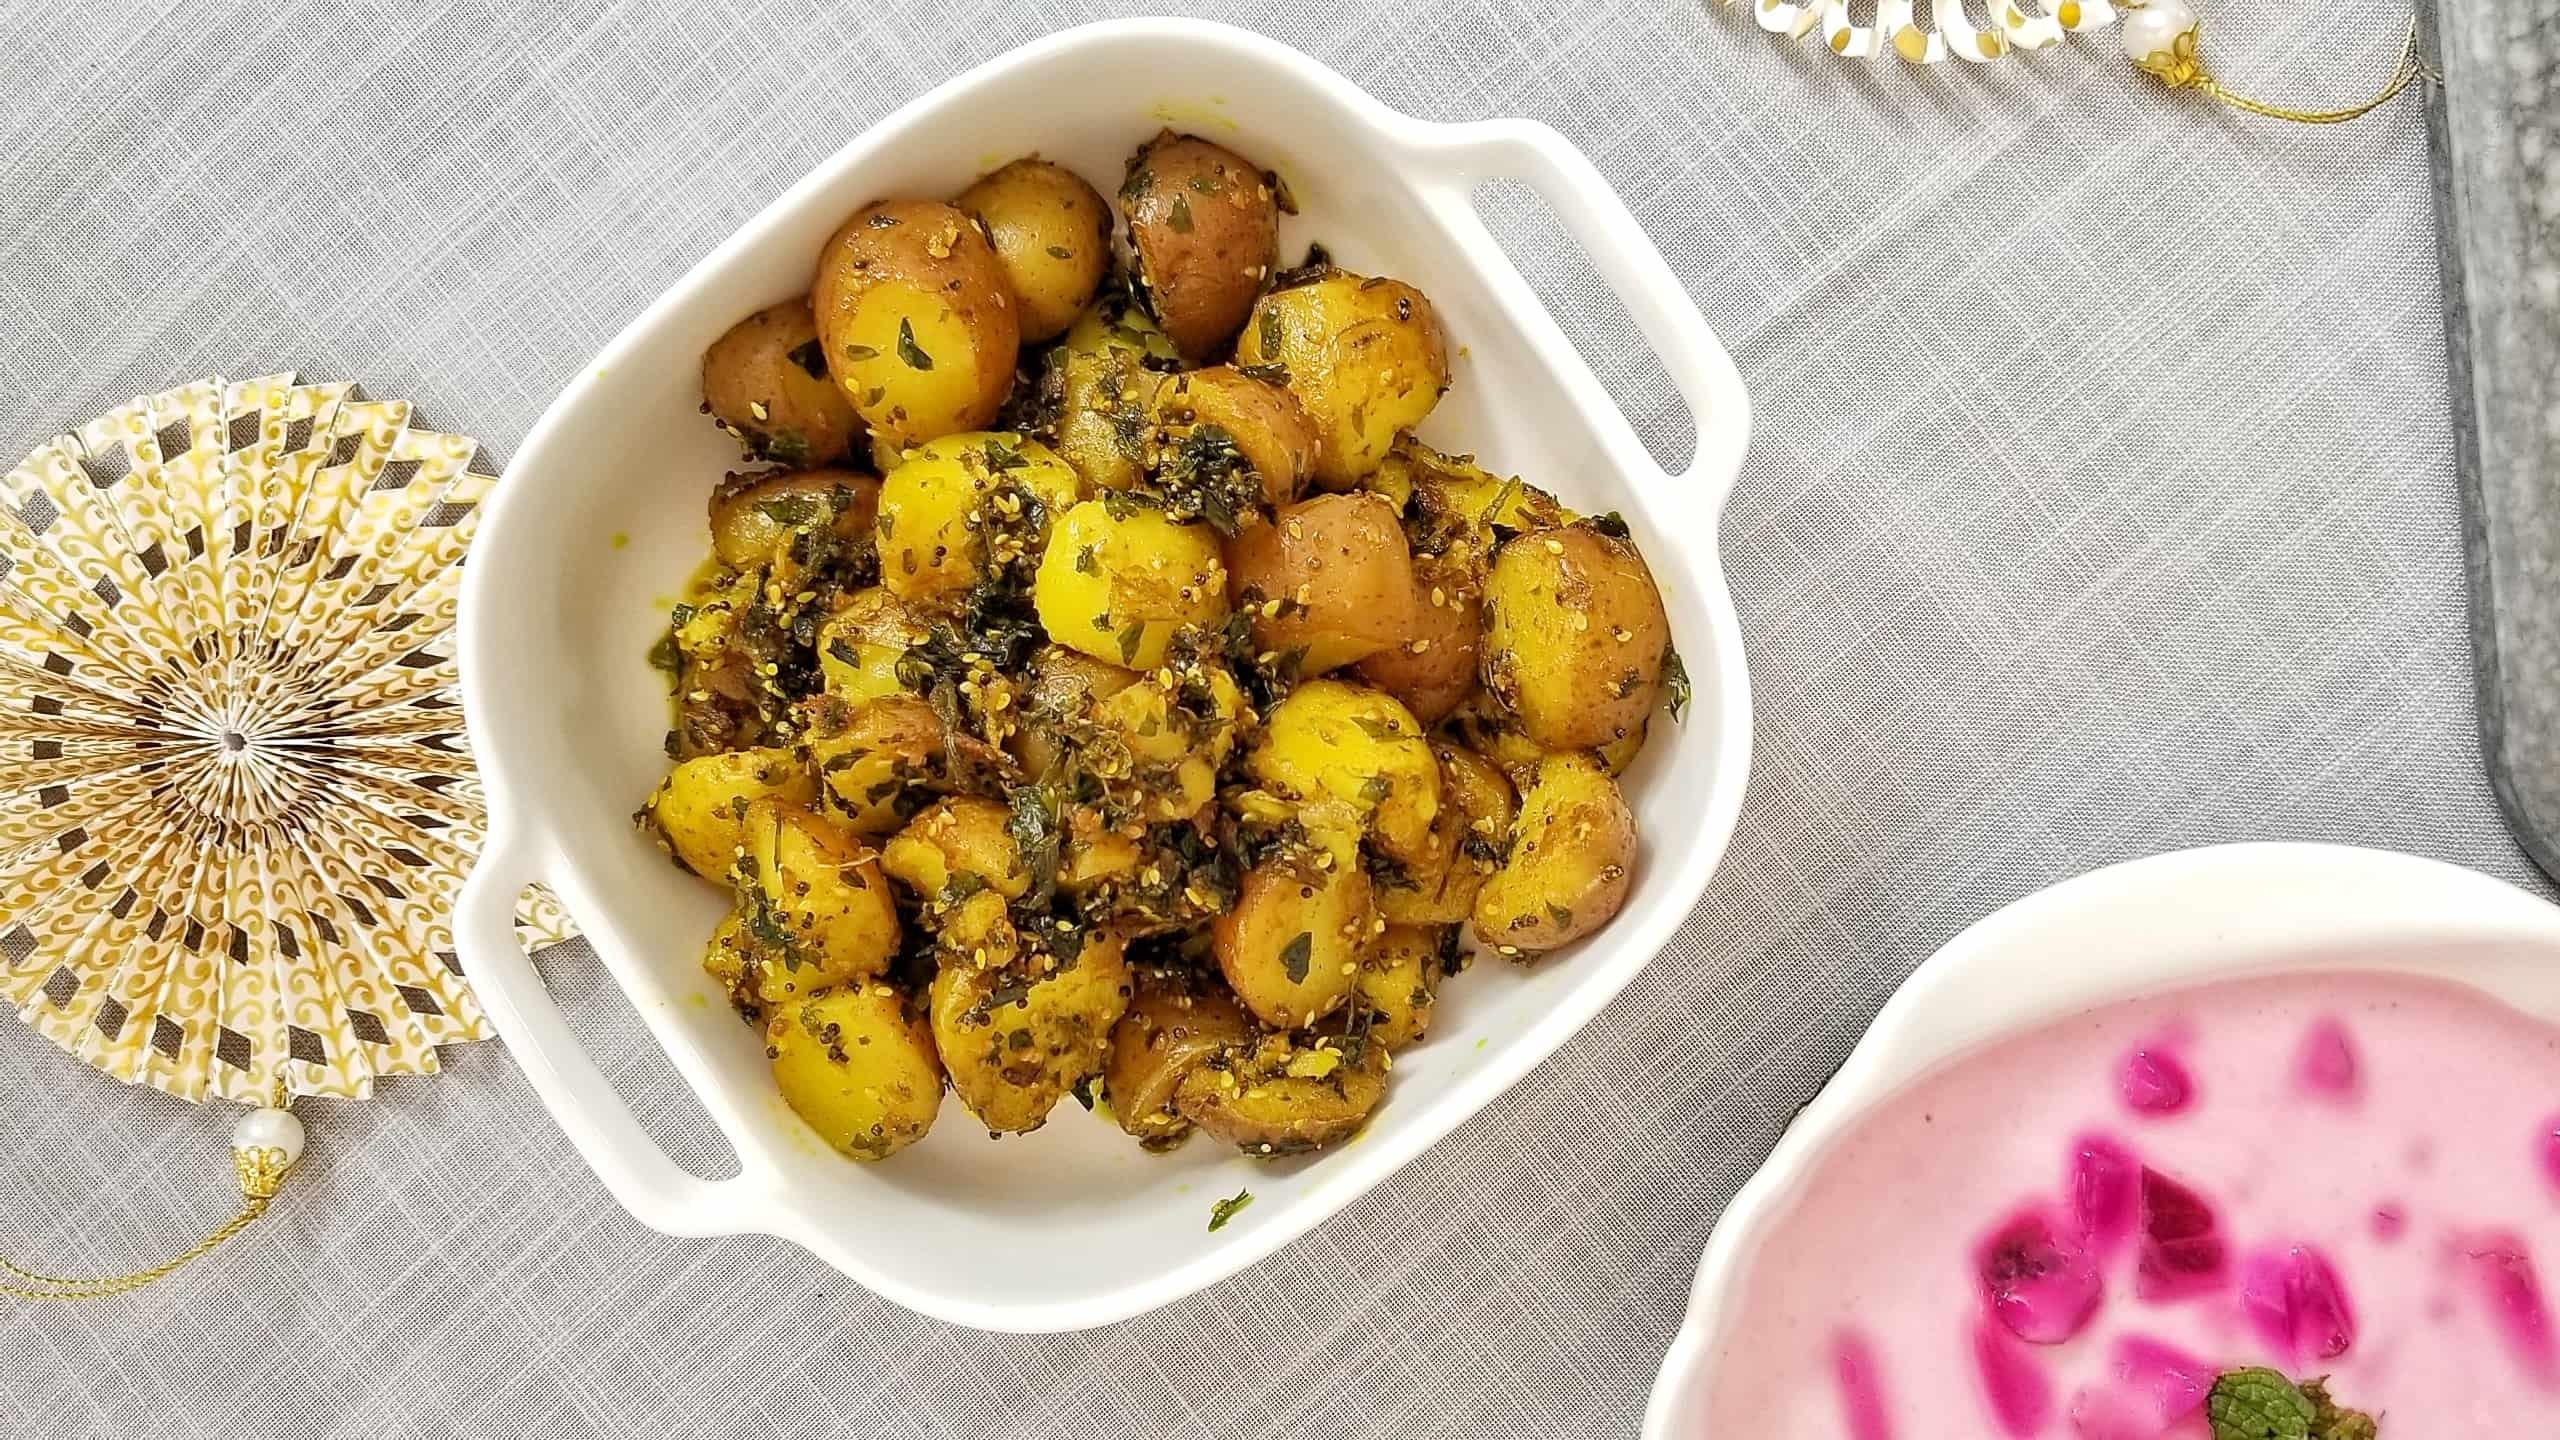 أكلات هندية نباتية - طريقة عمل سلطة البطاطس الهندية